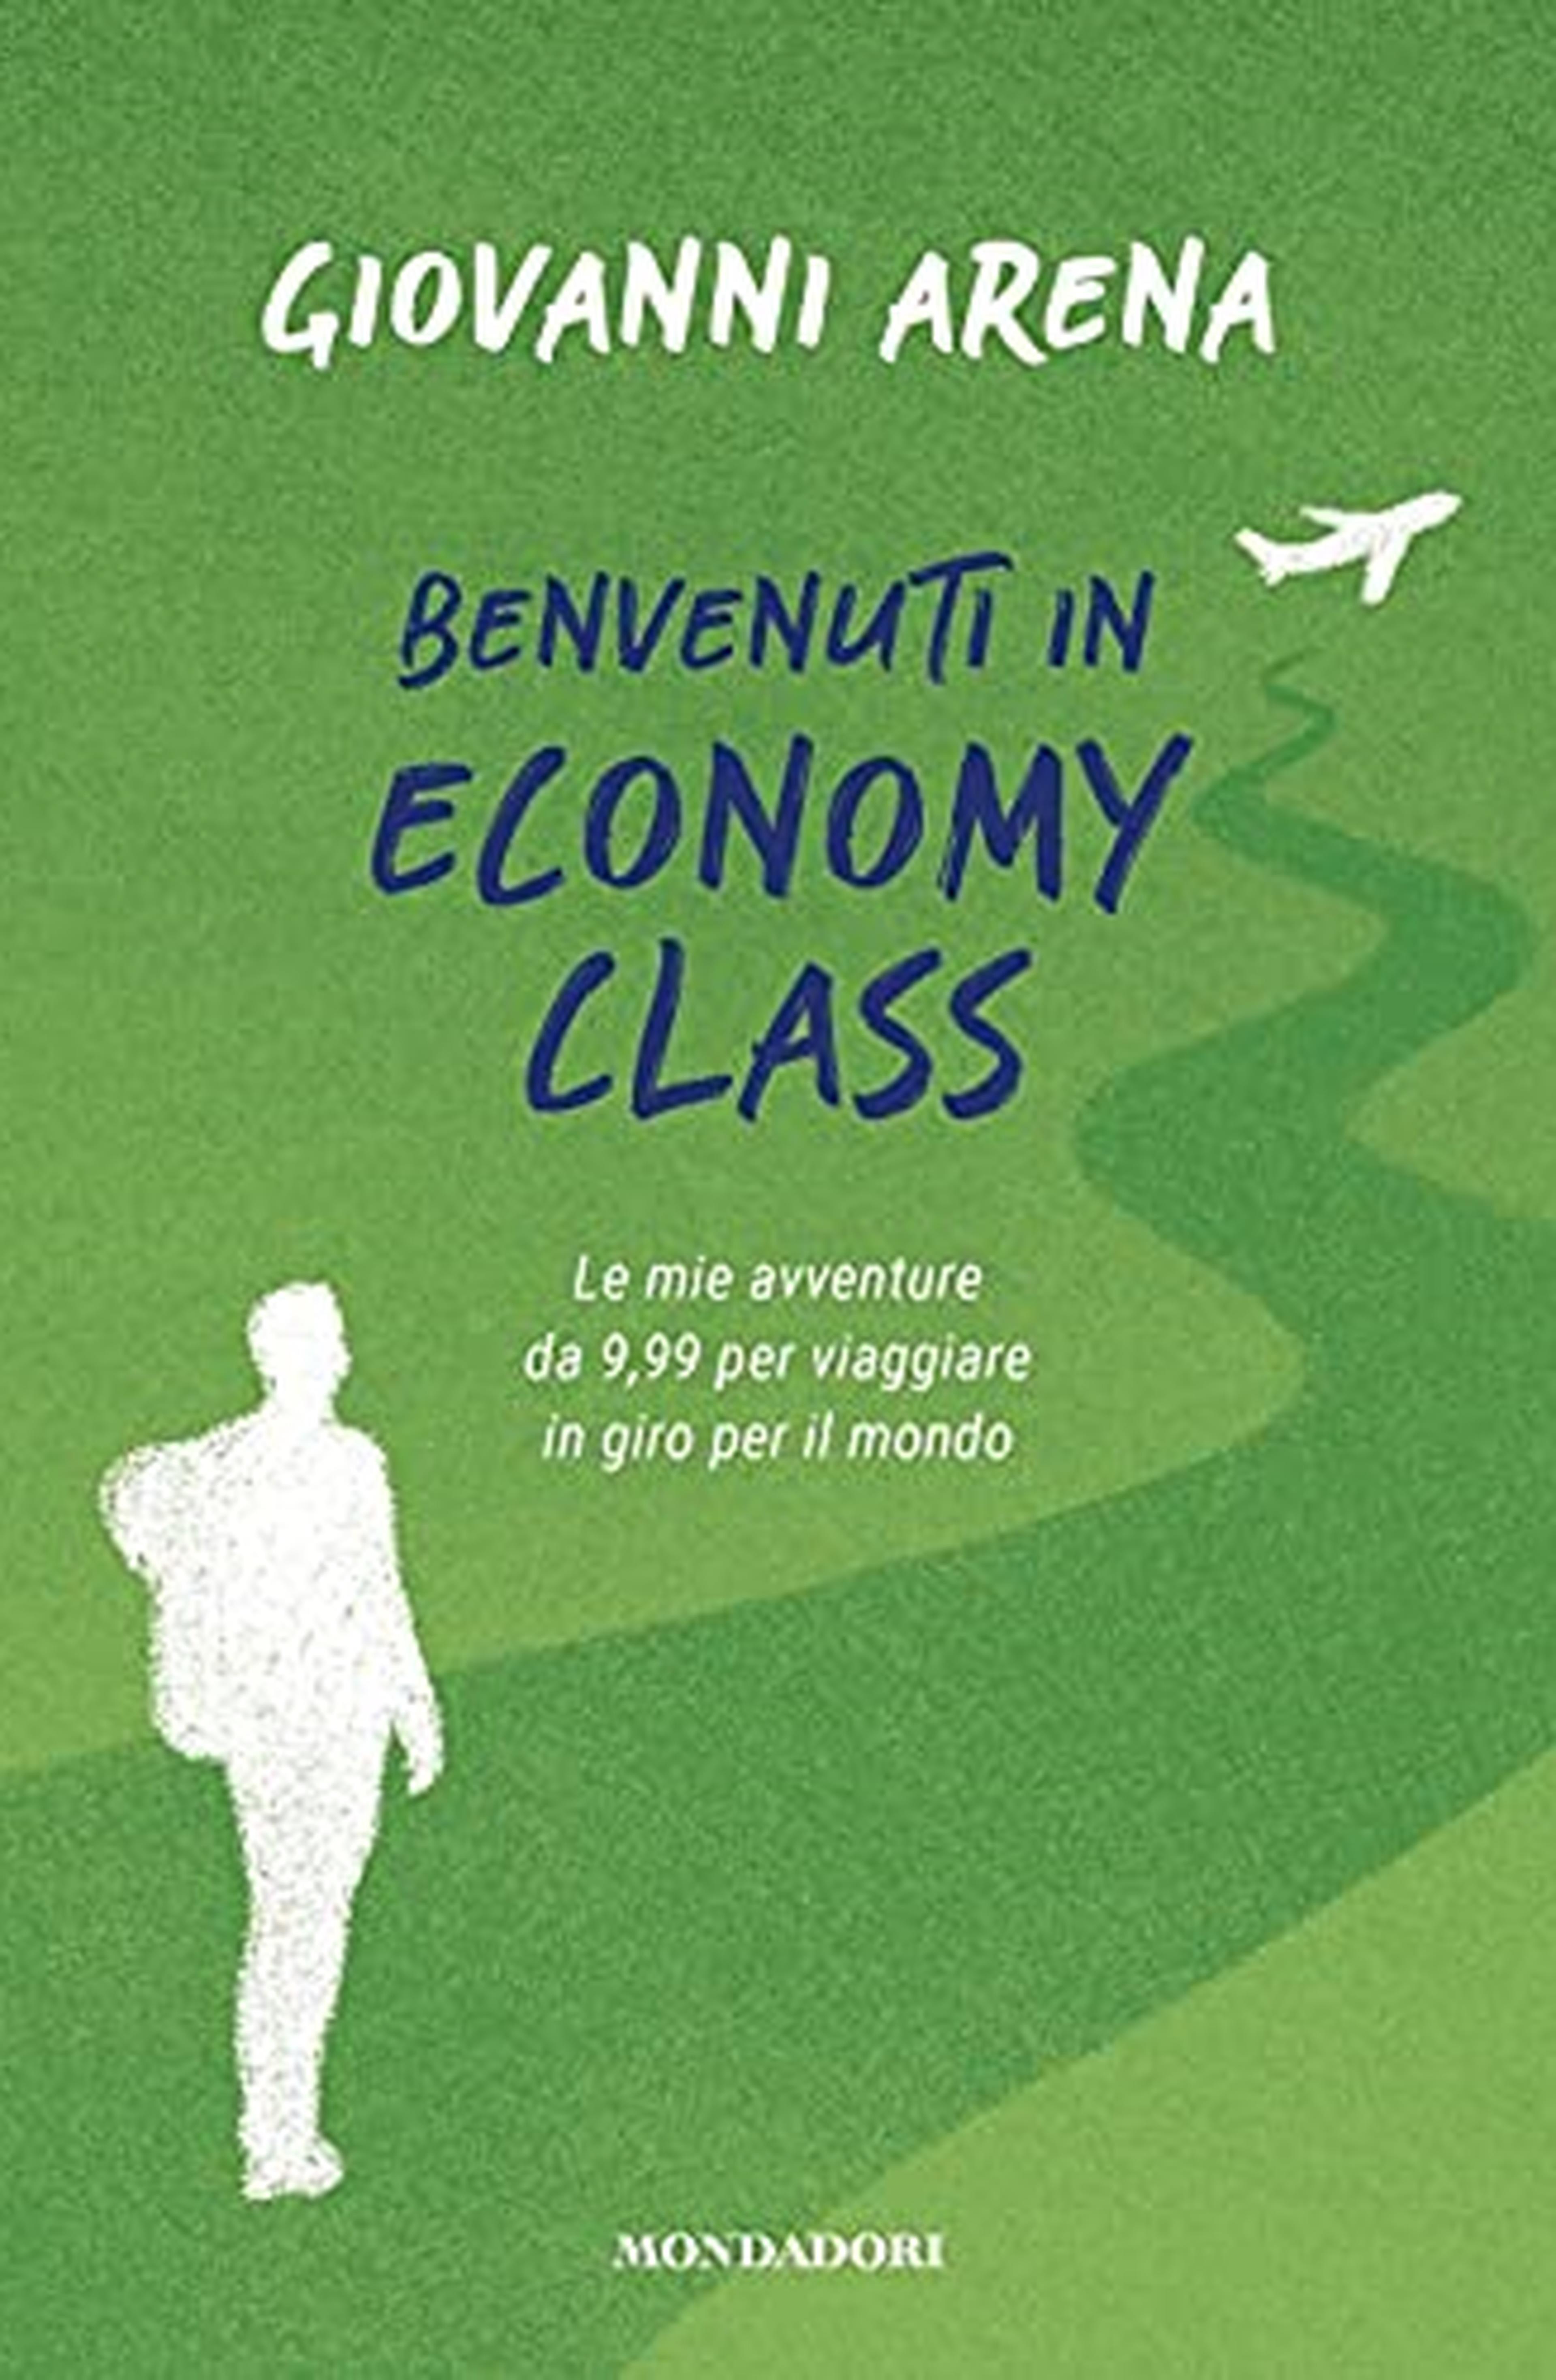 Benvenuti in economy class. Le mie avventure da 9,99 per viaggiare in giro per il mondo